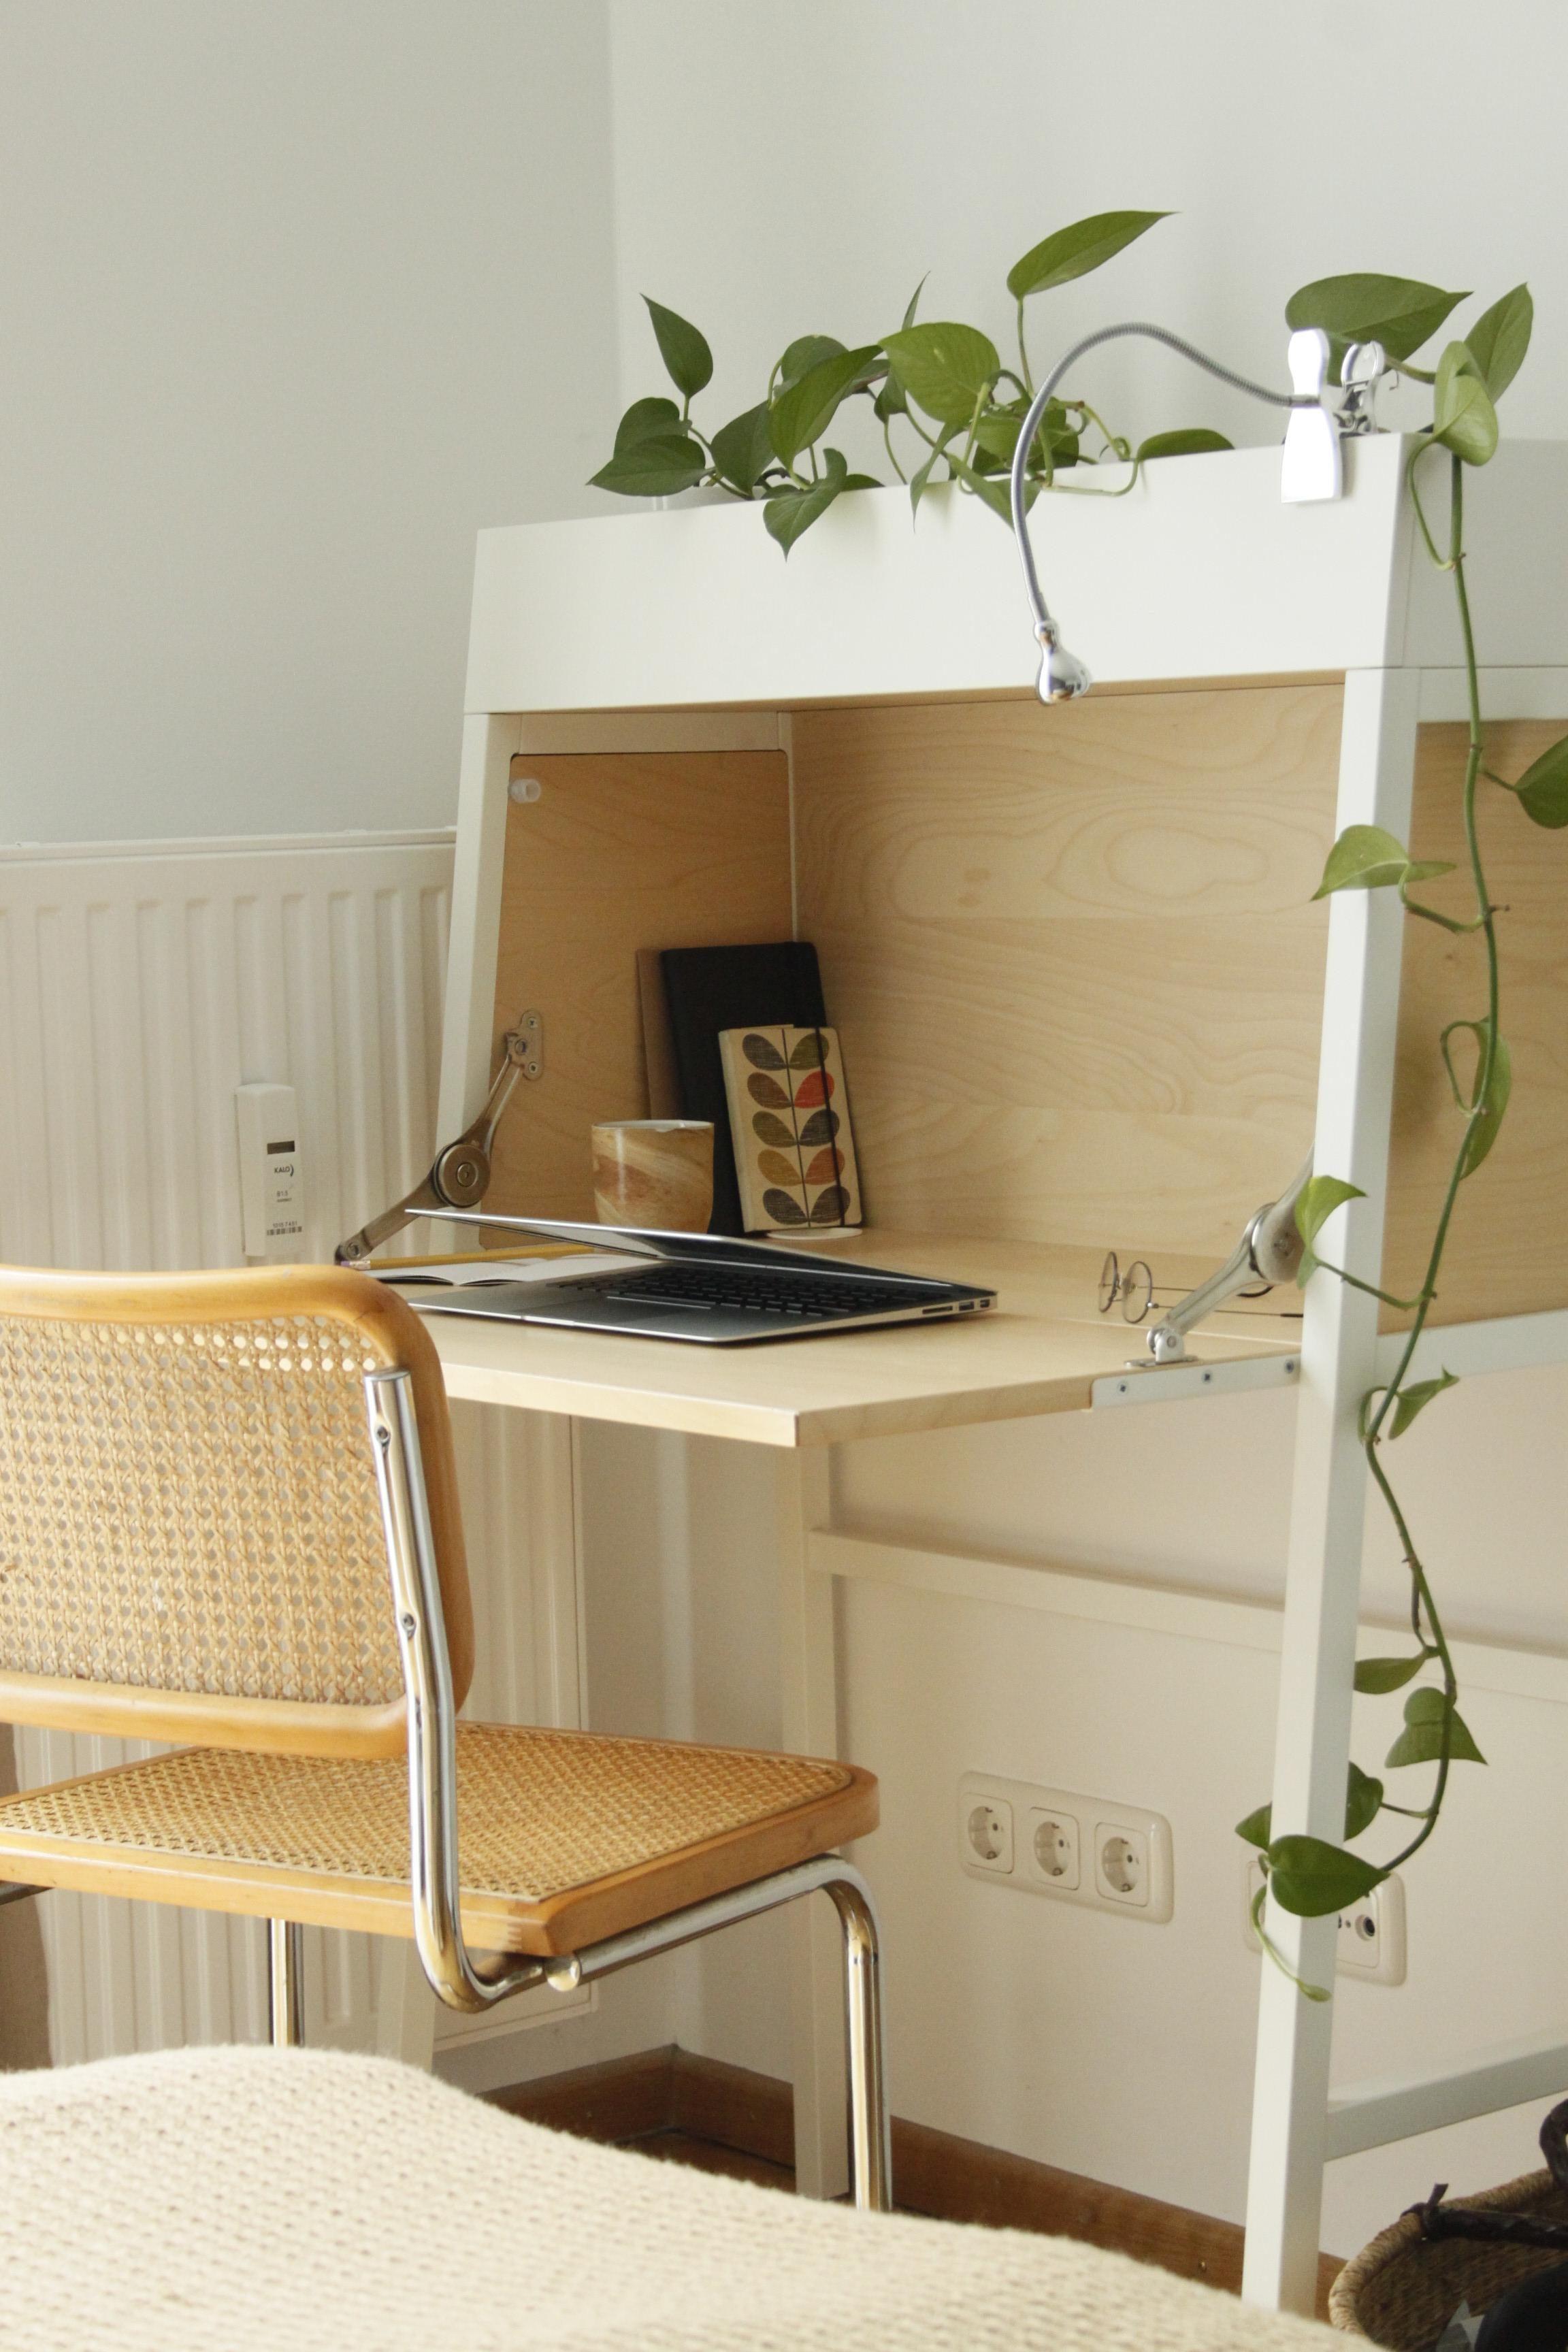 Ein Platzsparender Arbeitsplatz Kompromiss Im Schlafzimmer Homeoffice Ikea  Sekretaer Smallbutclever Schreibtisch 709c8686 9d82 494f 94fd D544b01f72ab